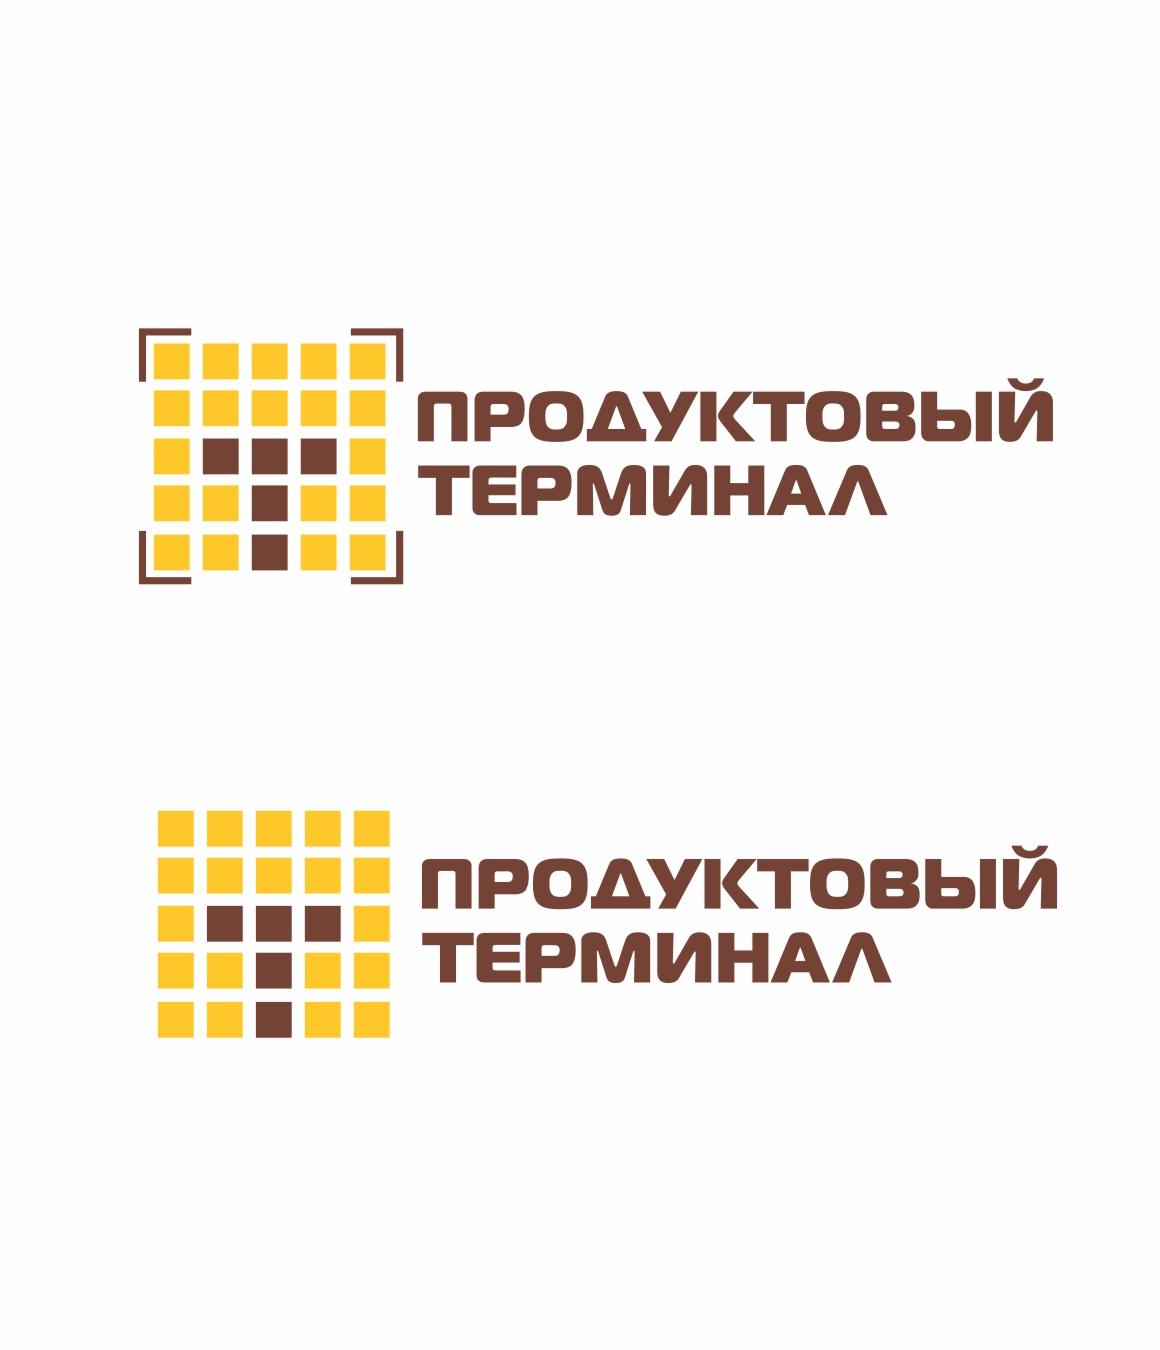 Логотип для сети продуктовых магазинов фото f_18656f930ced6a0f.jpg